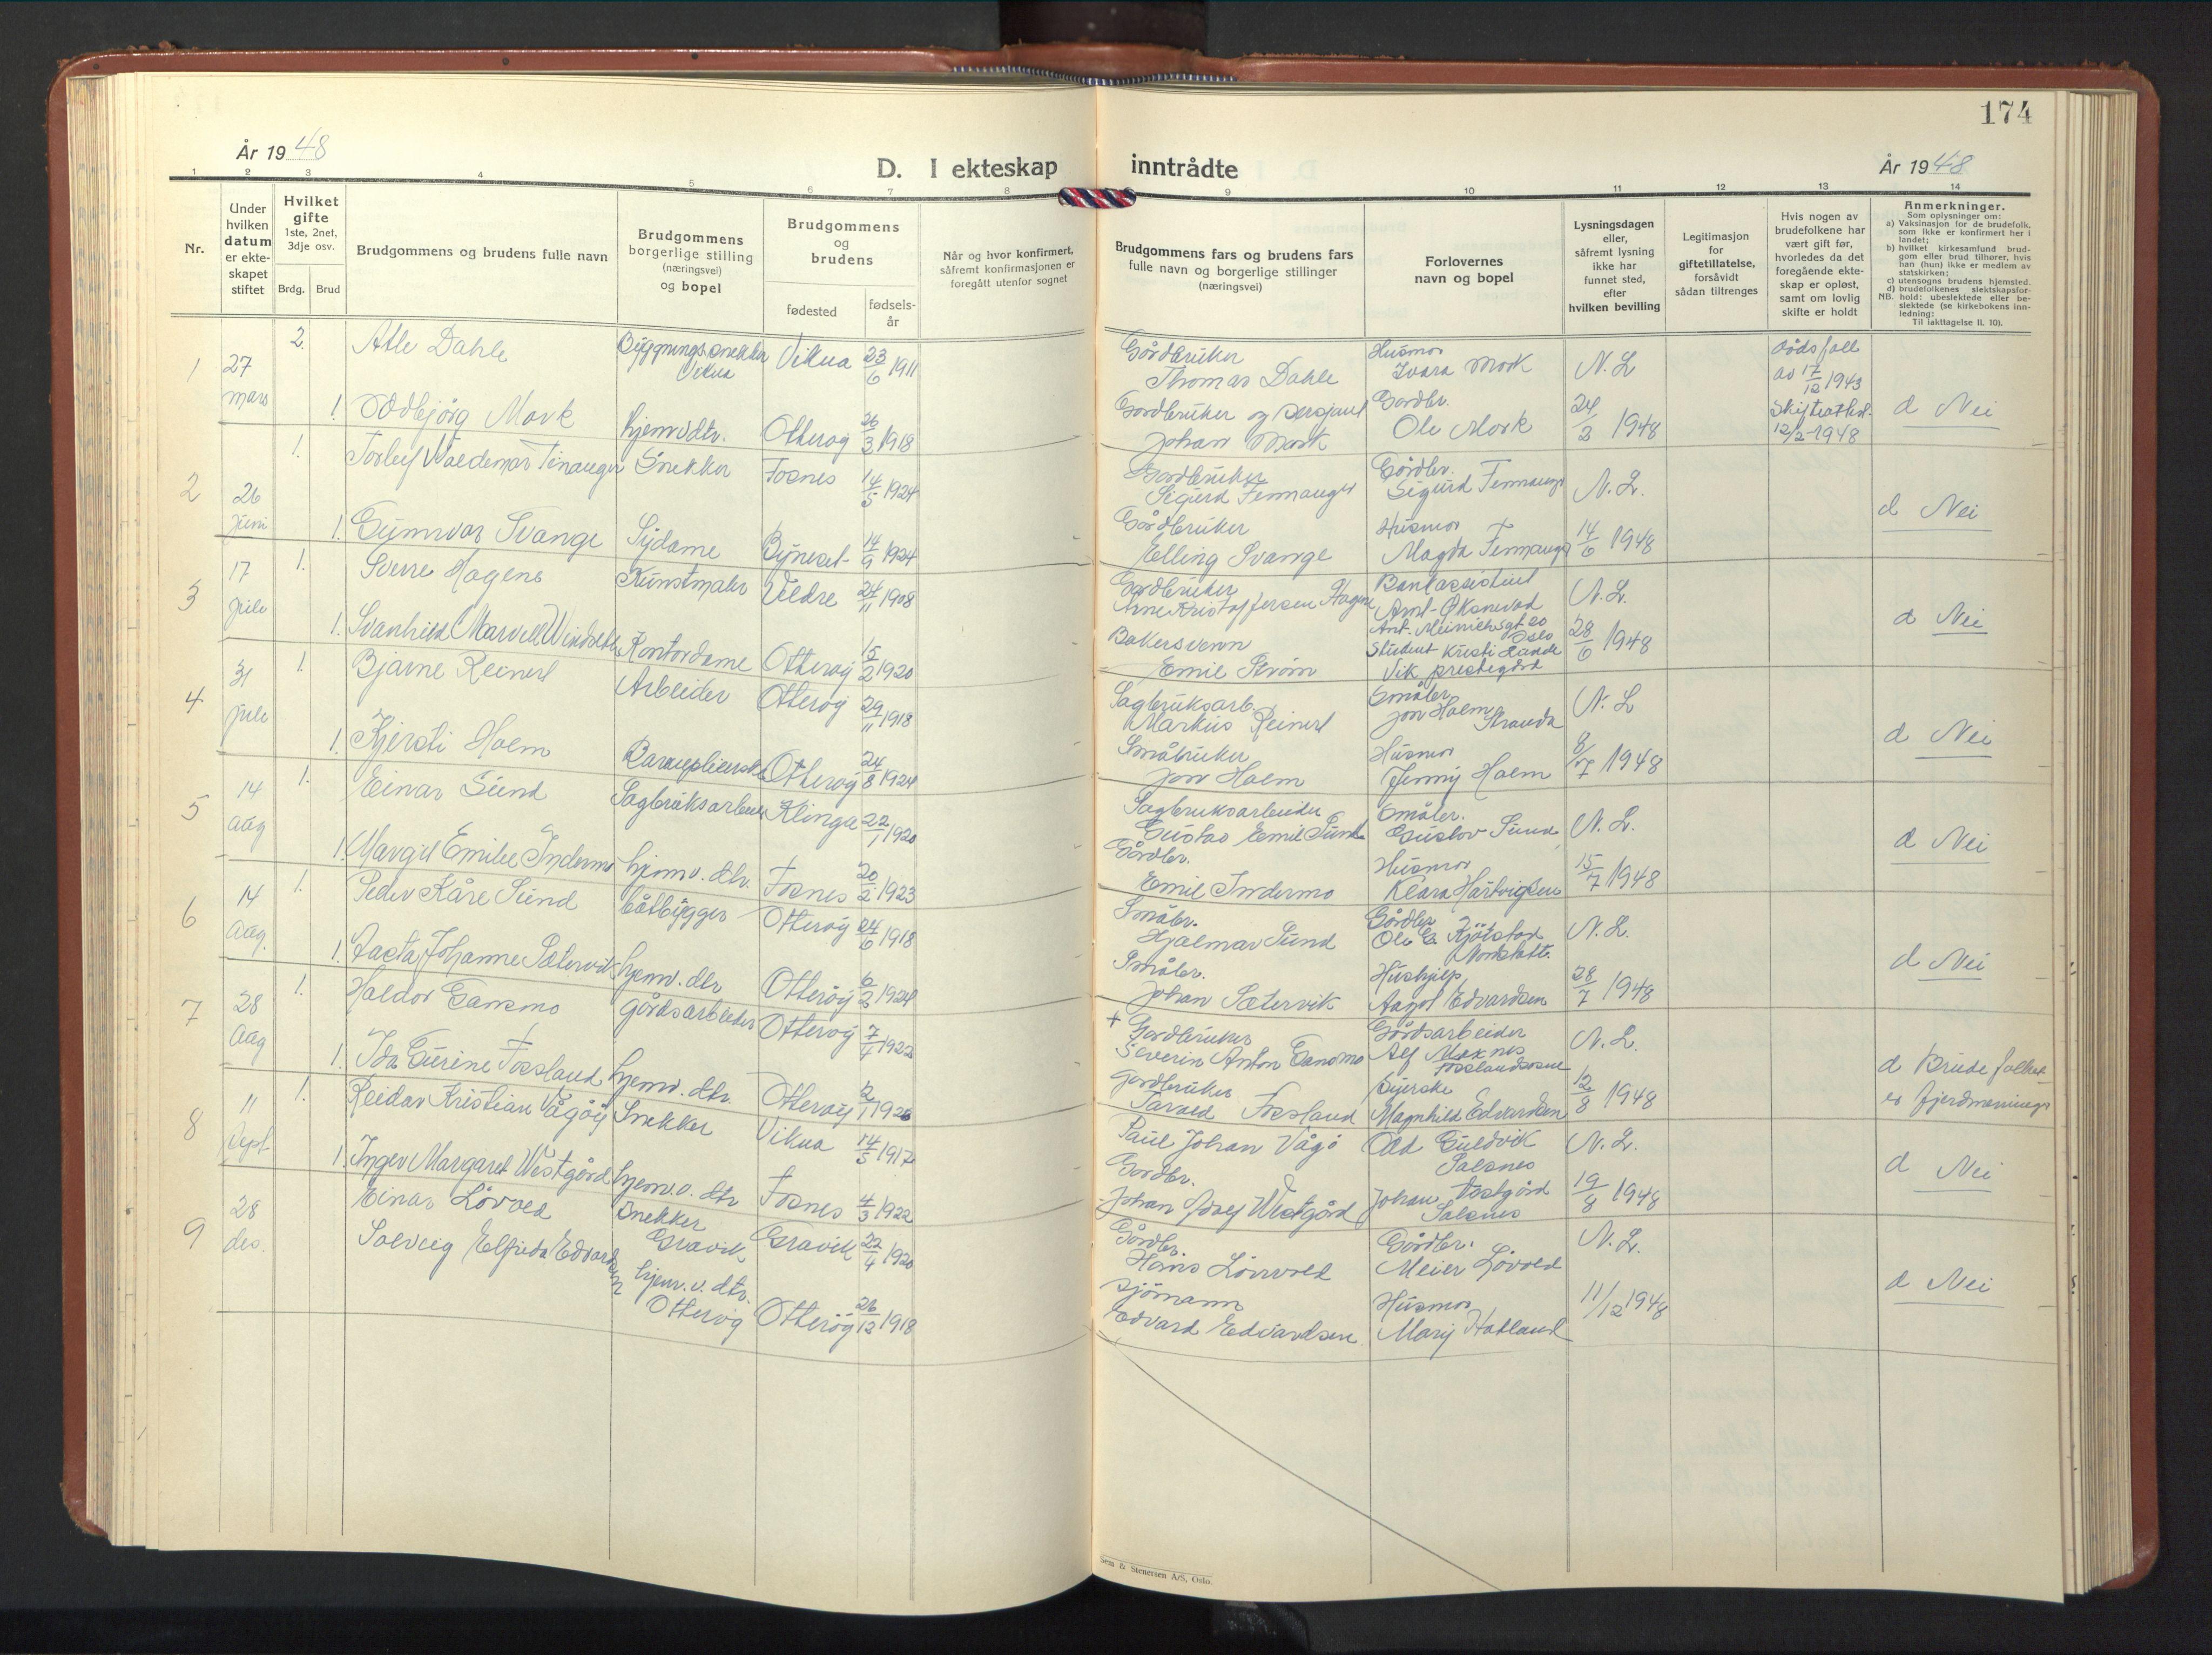 SAT, Ministerialprotokoller, klokkerbøker og fødselsregistre - Nord-Trøndelag, 774/L0631: Klokkerbok nr. 774C02, 1934-1950, s. 174